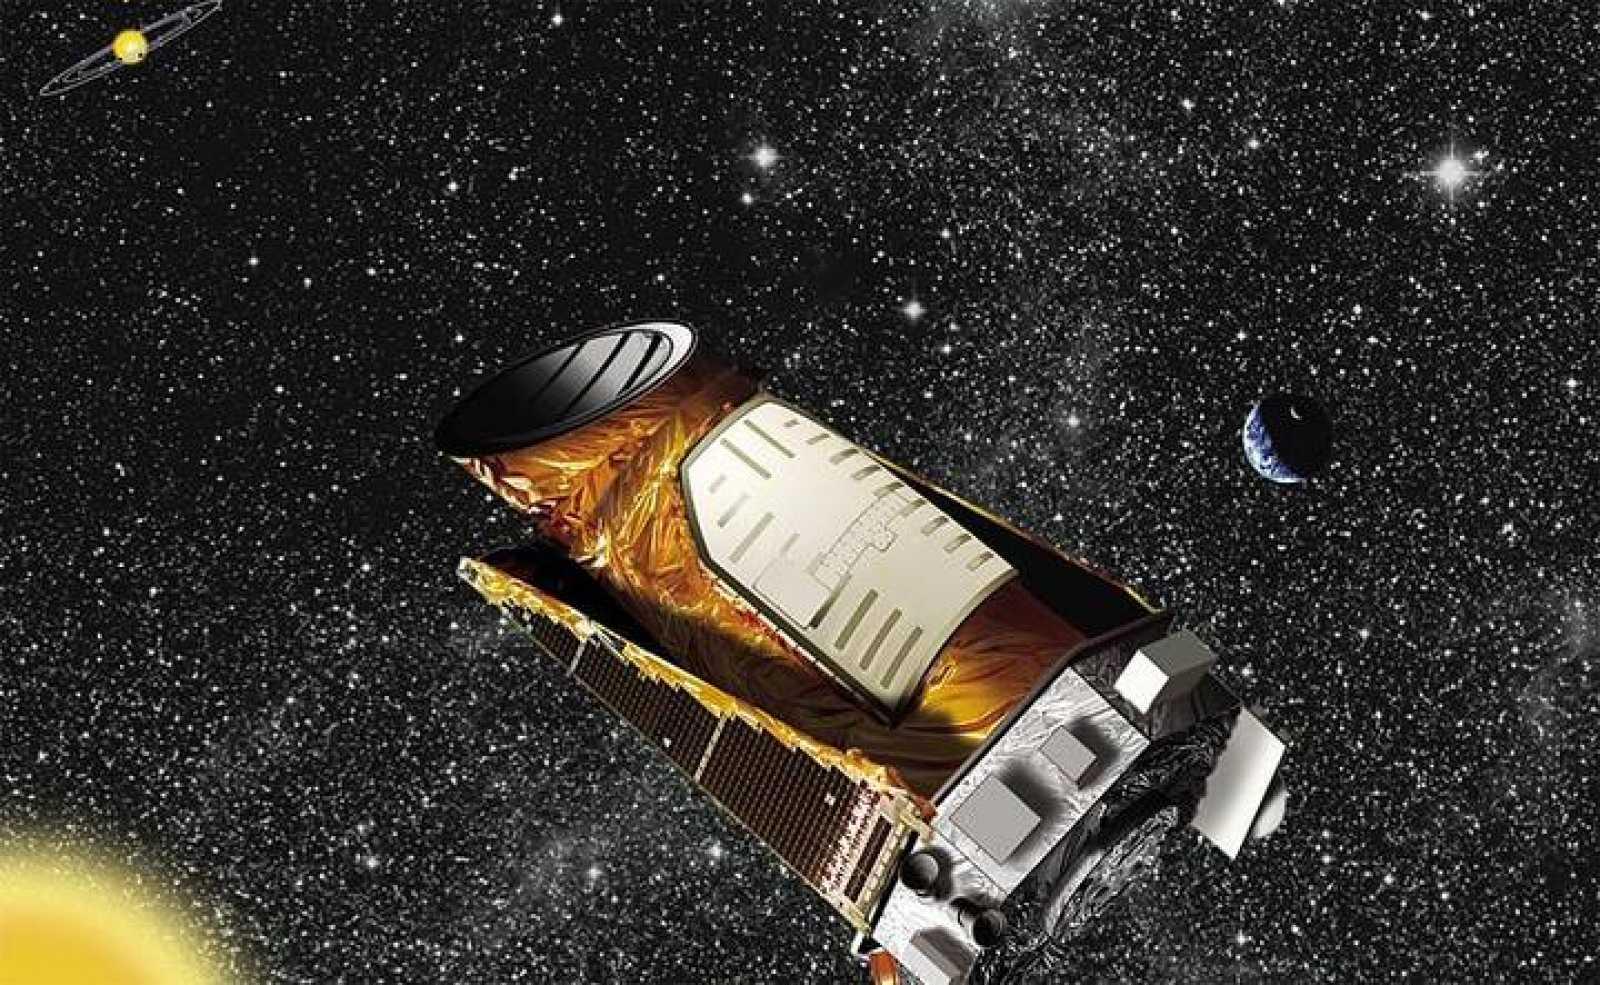 Impresión artística del Kepler en órbita